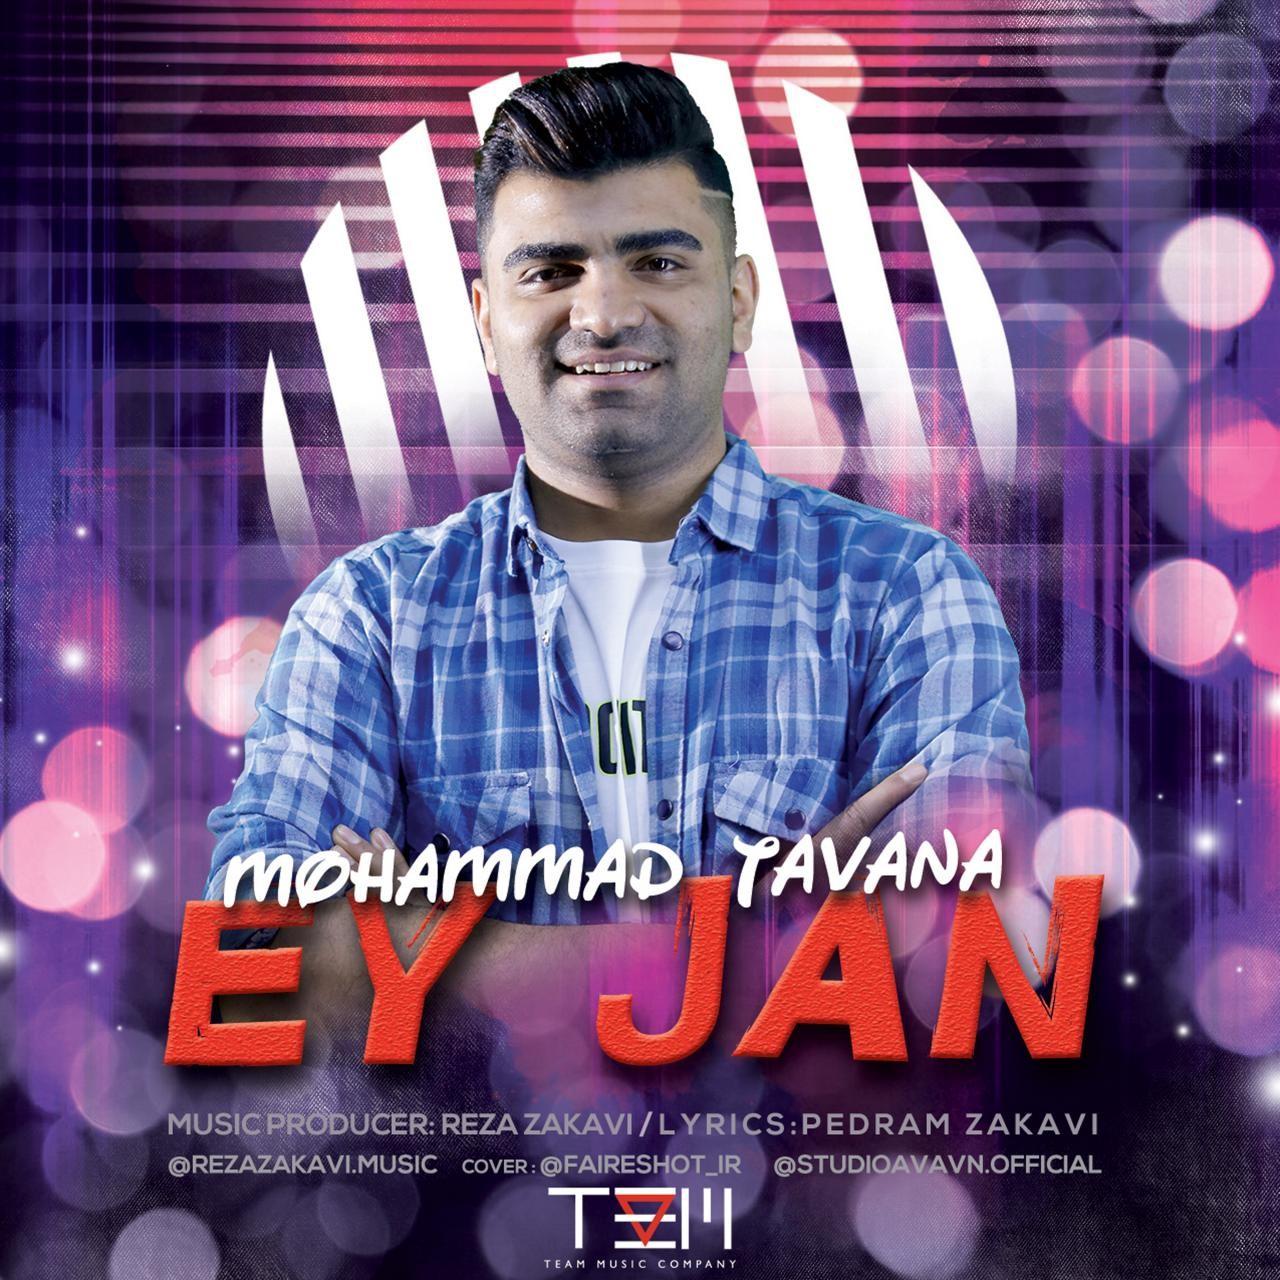 Mohammad Tavana – Ey Jan